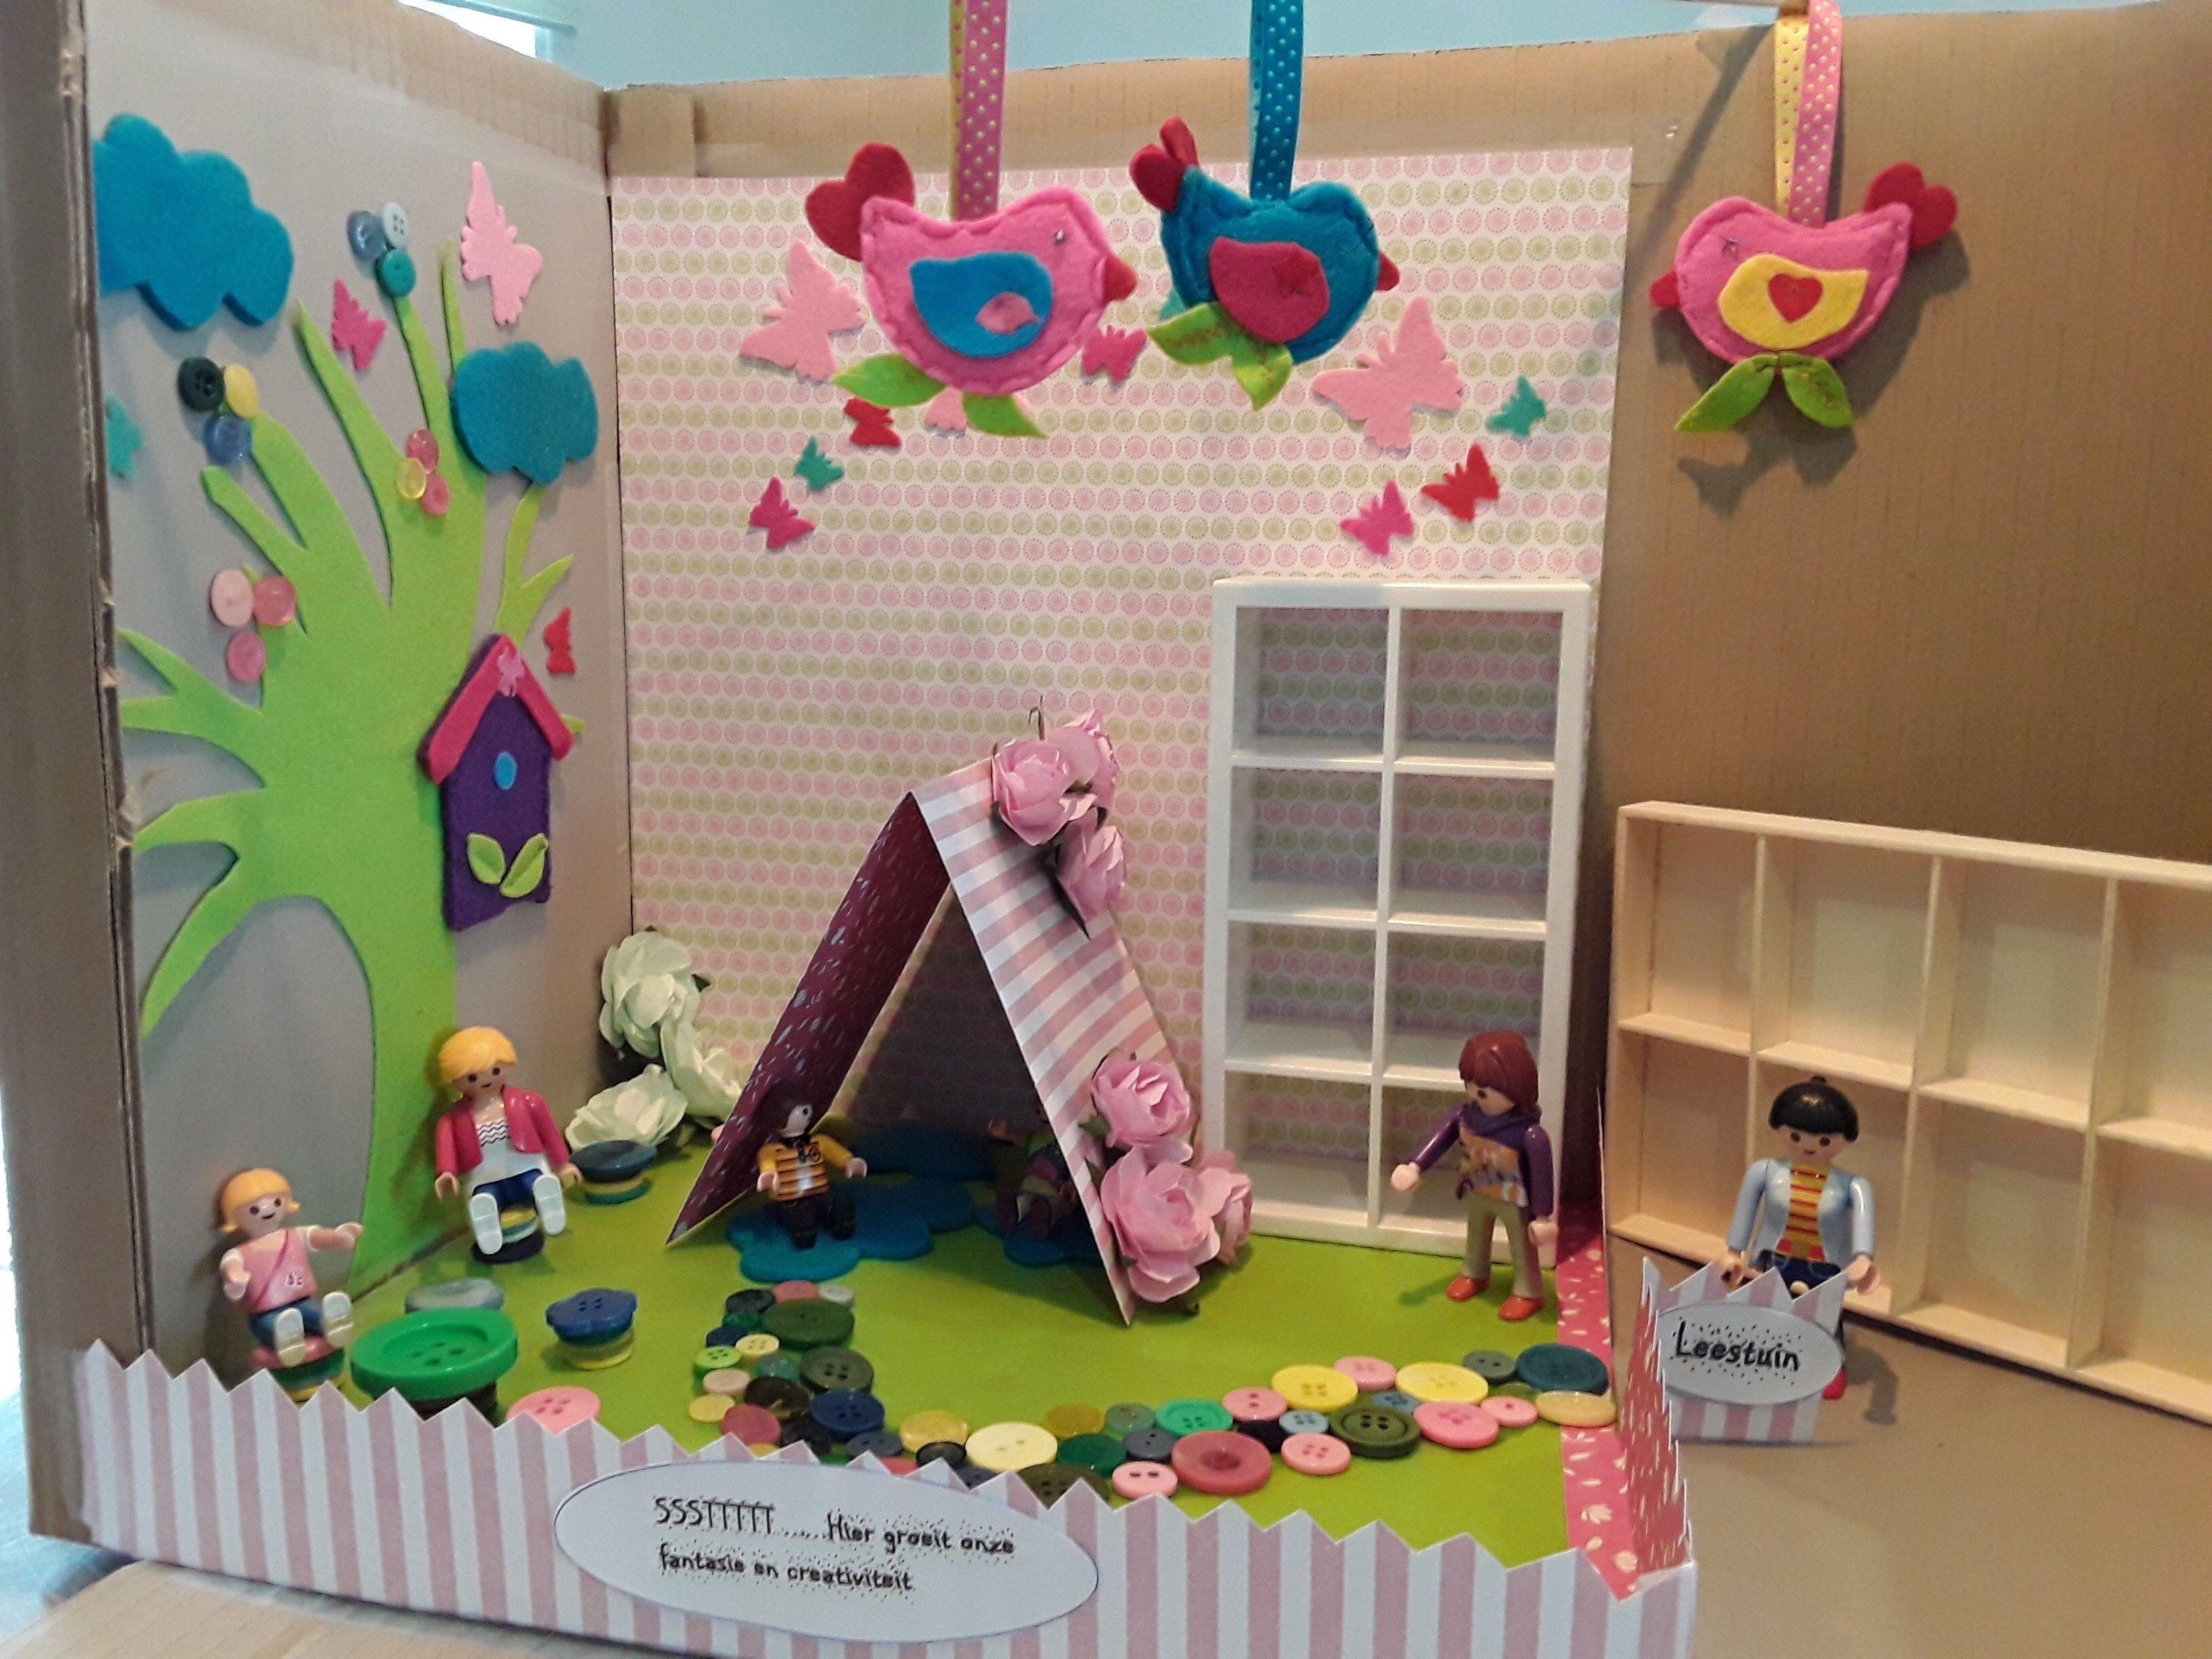 Behangpapier Voor Slaapkamer : Pin by els binst on behangpapier slaapkamer school